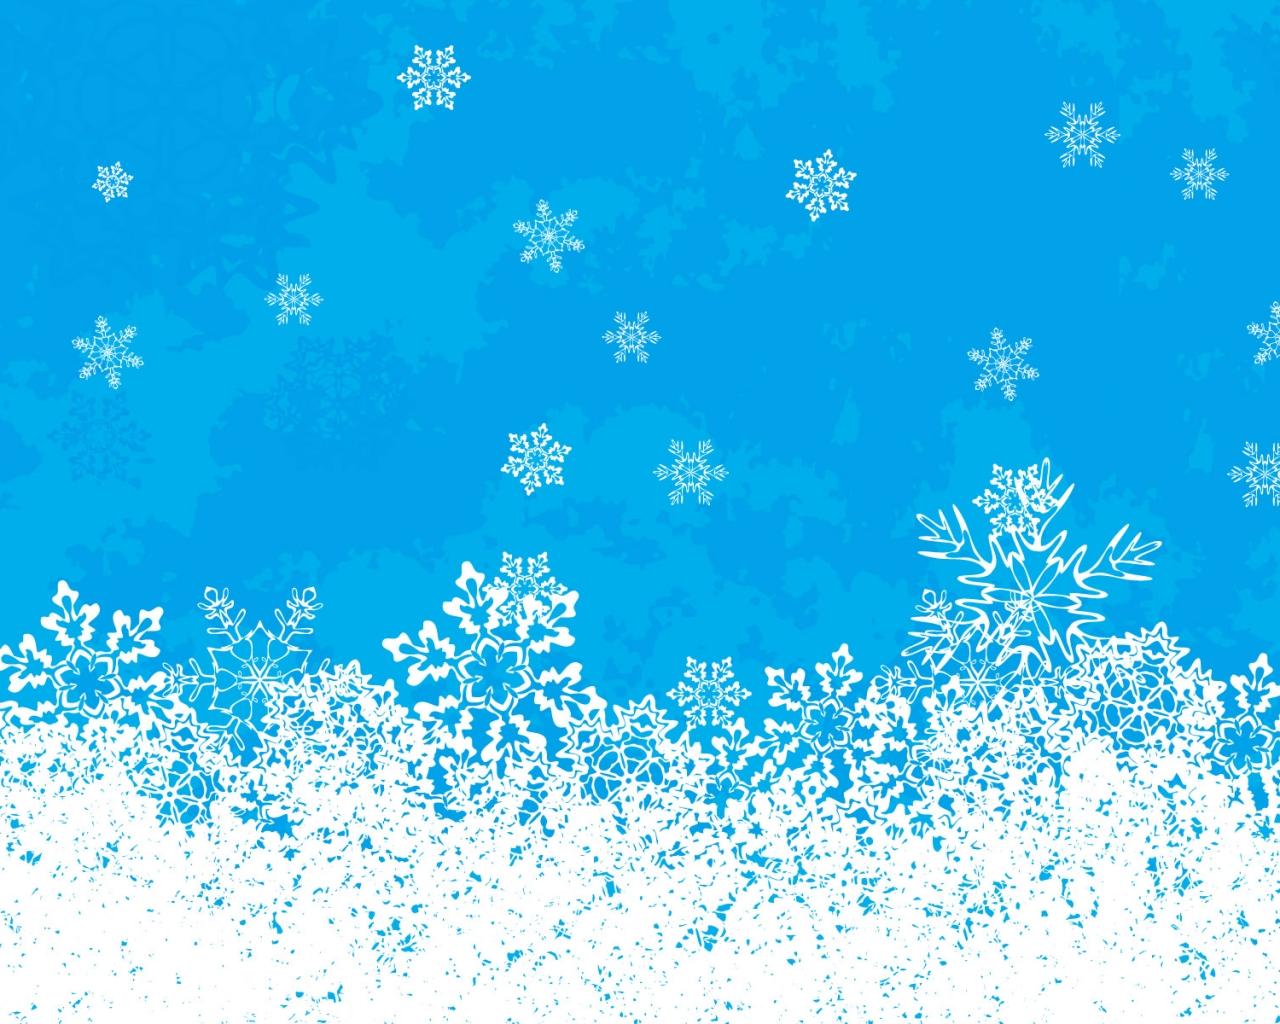 Fondo celeste con nieve en navidad - 1280x1024